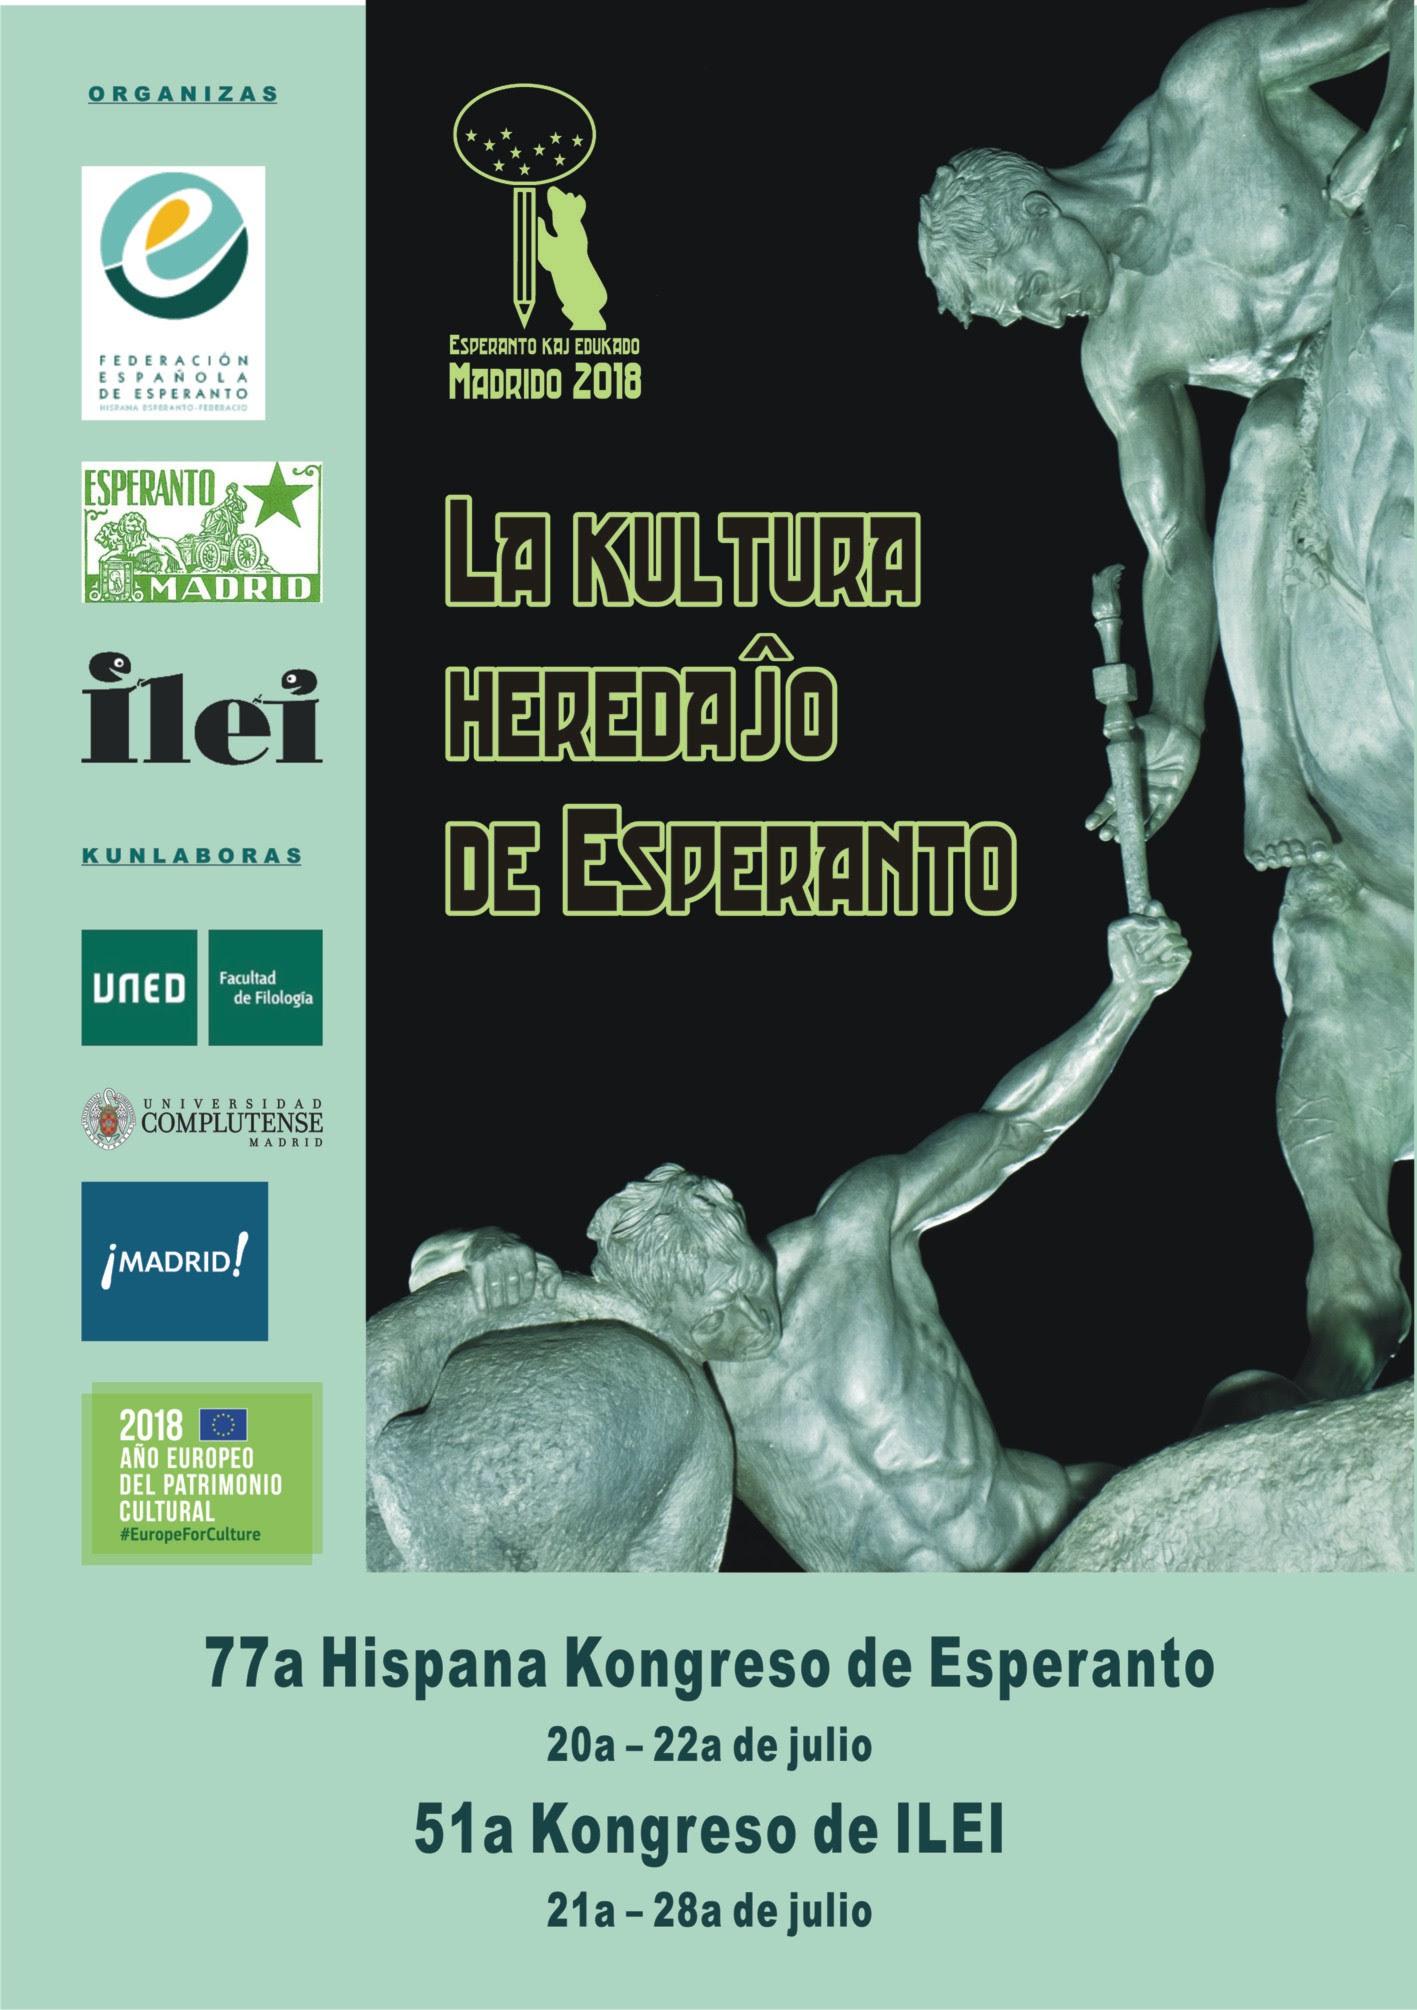 Afisho de la kongreso